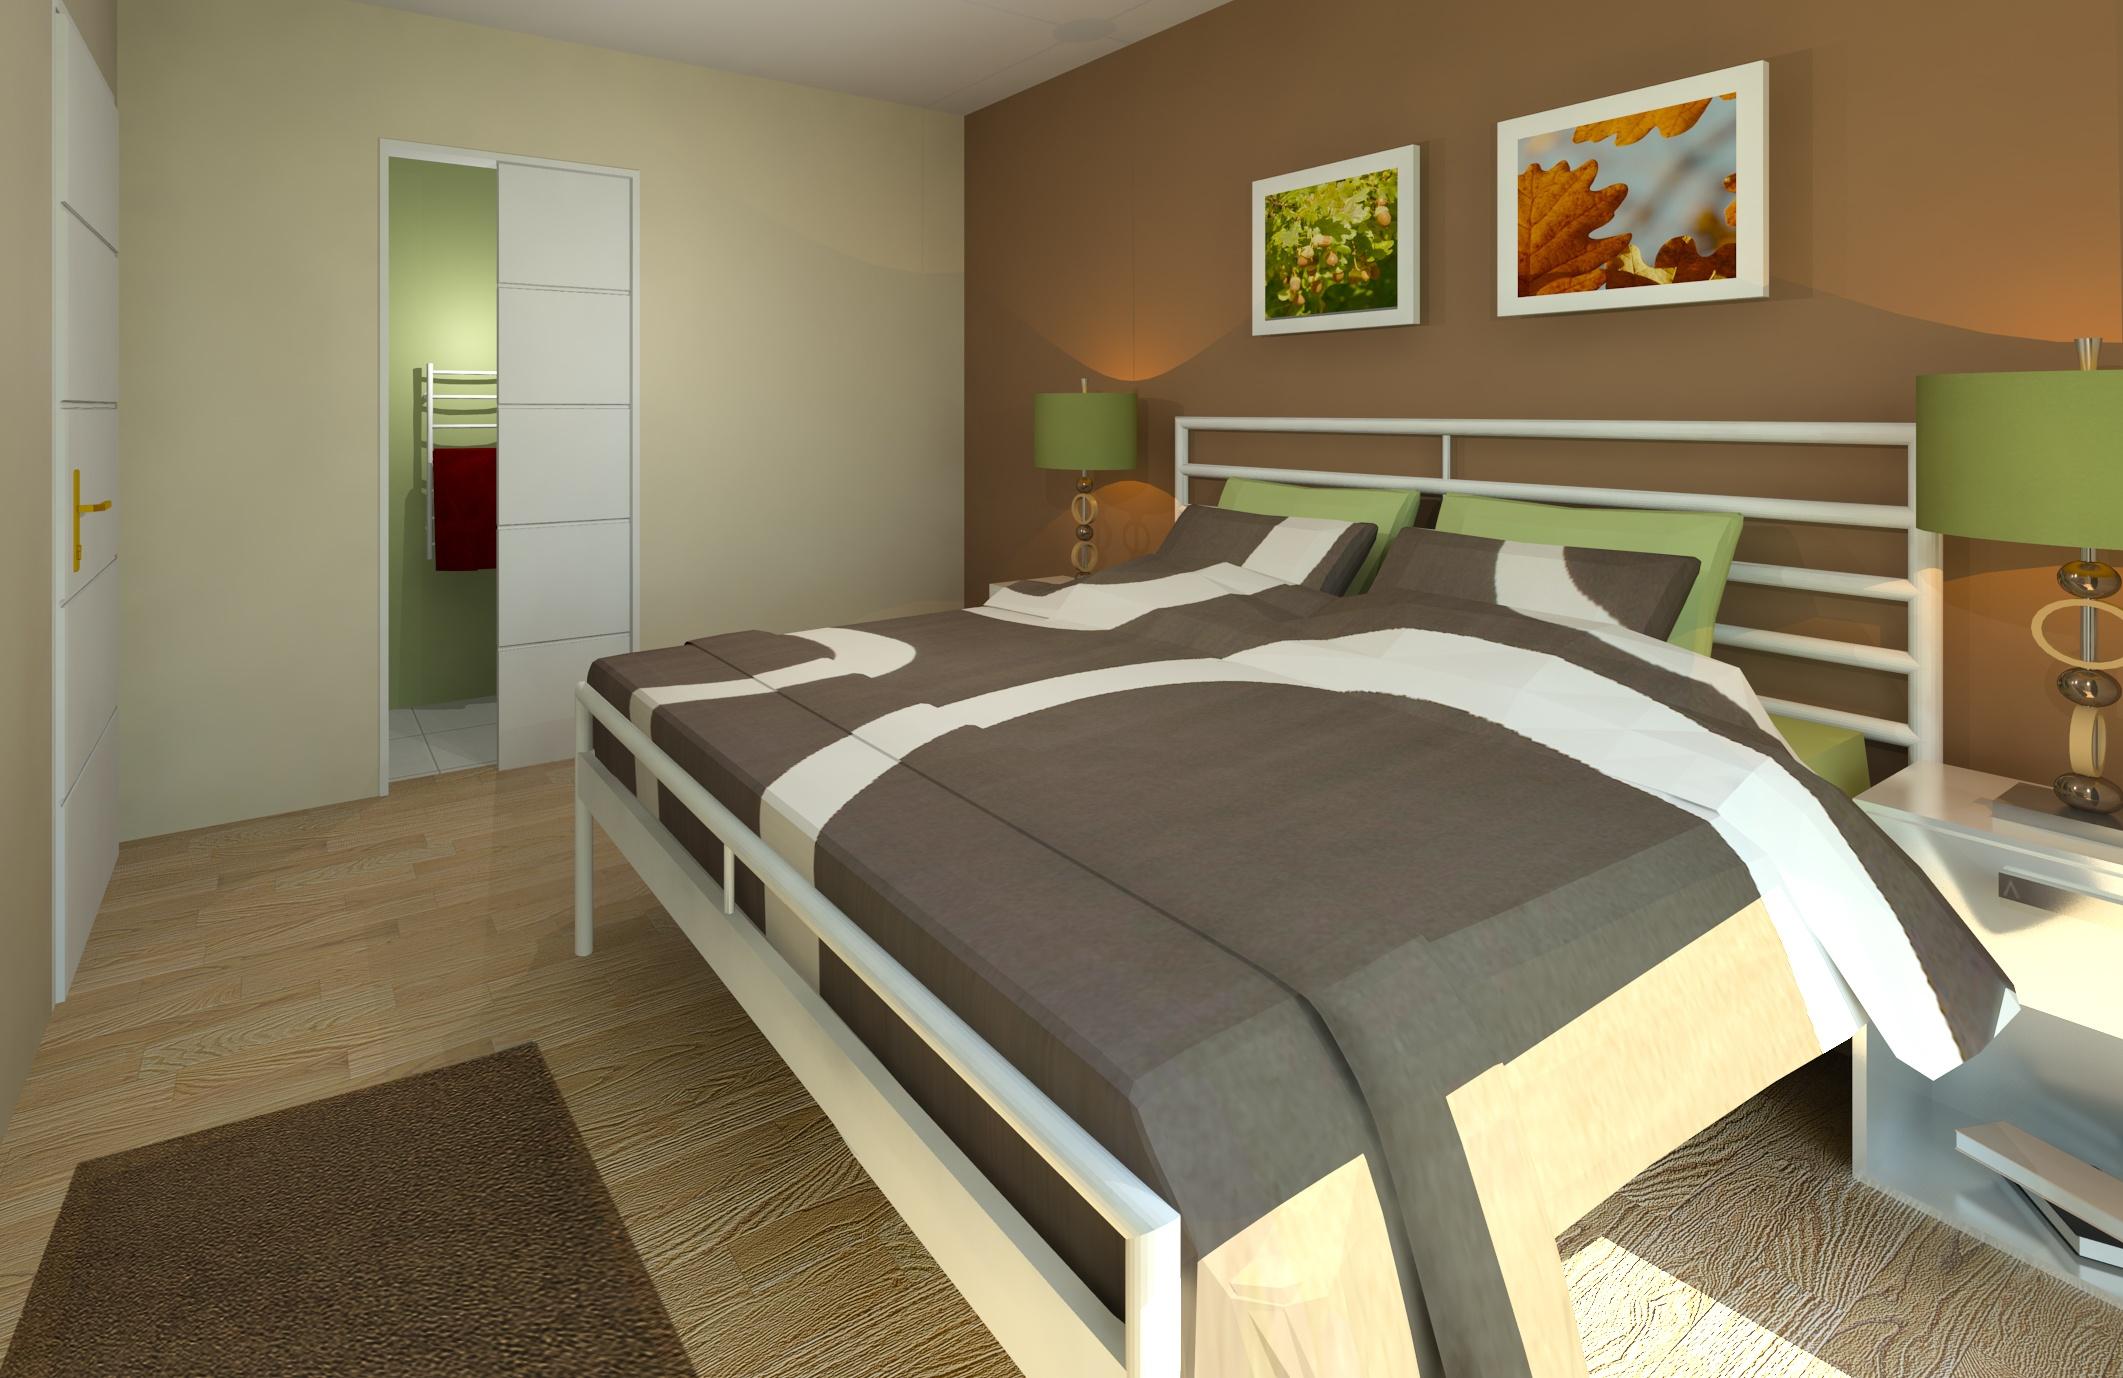 Maisons + Terrains du constructeur MAISON FAMILIALE MANTES • 130 m² • LIMAY